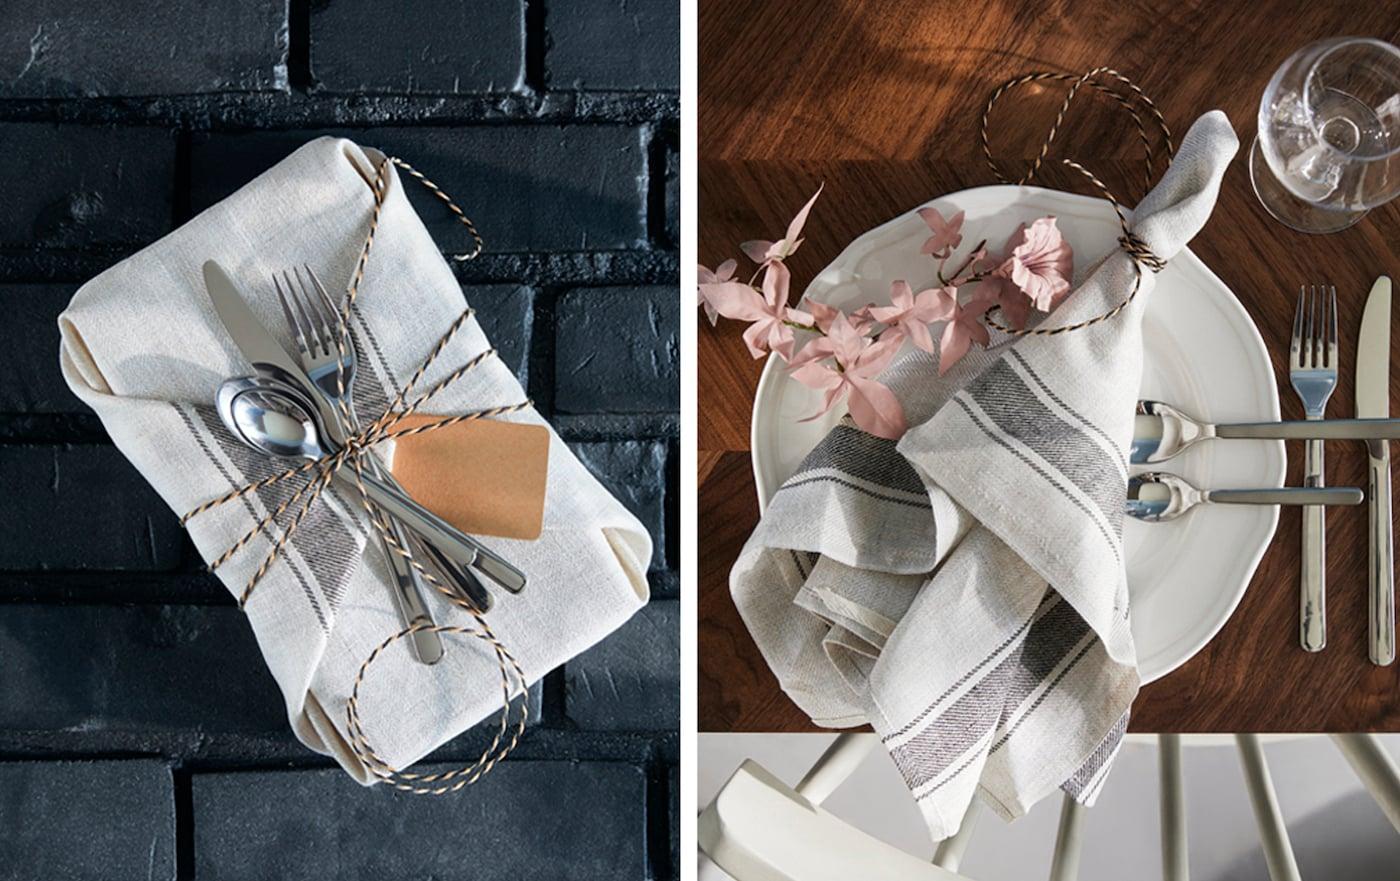 Una canasta envuelta como regalo en una toalla de té junto a una toalla de té sobre un plato.